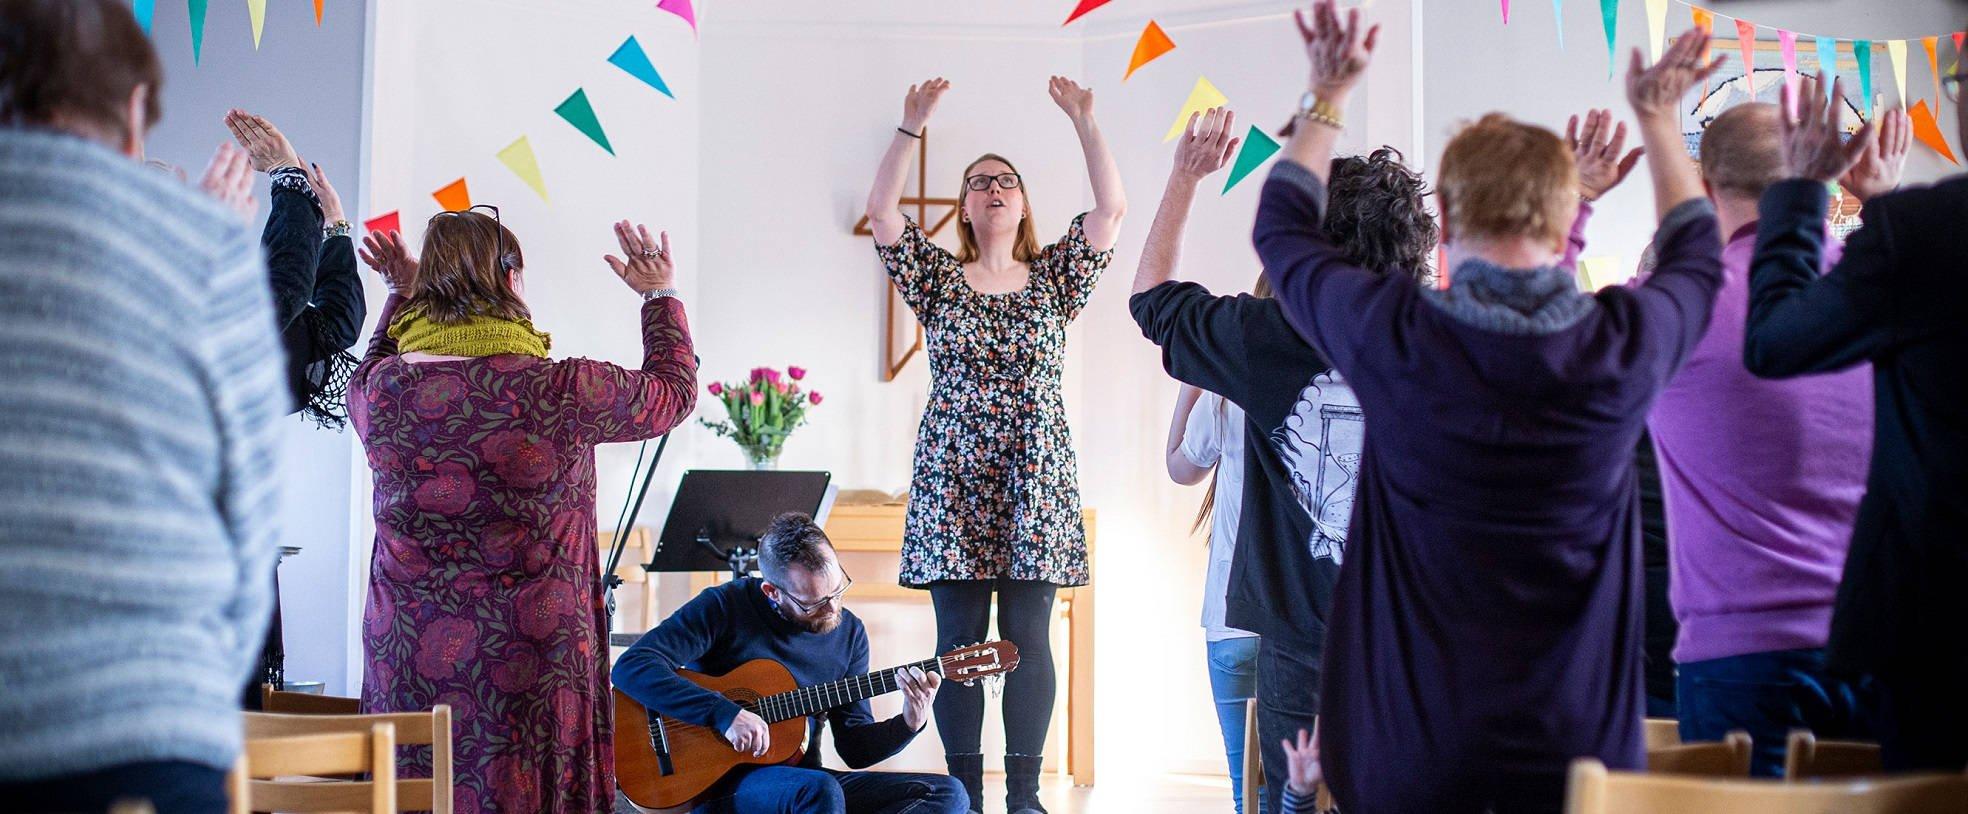 Gudstjänst med sång och rörelser